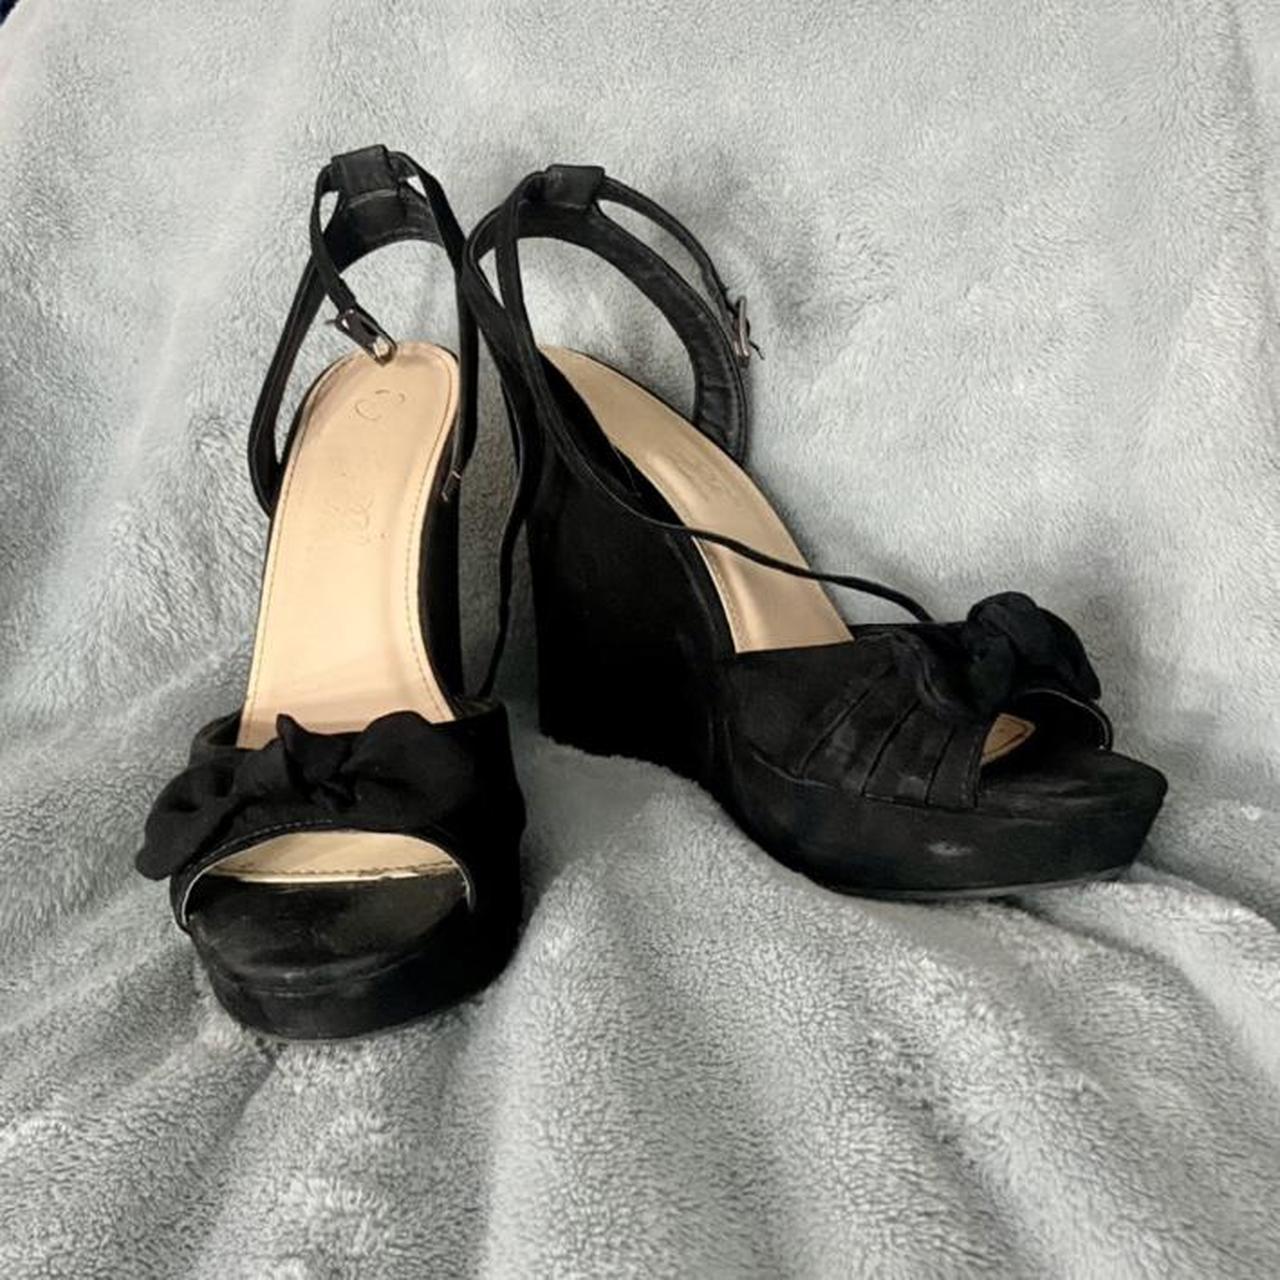 Product Image 1 - elegant footwear, black bow heels